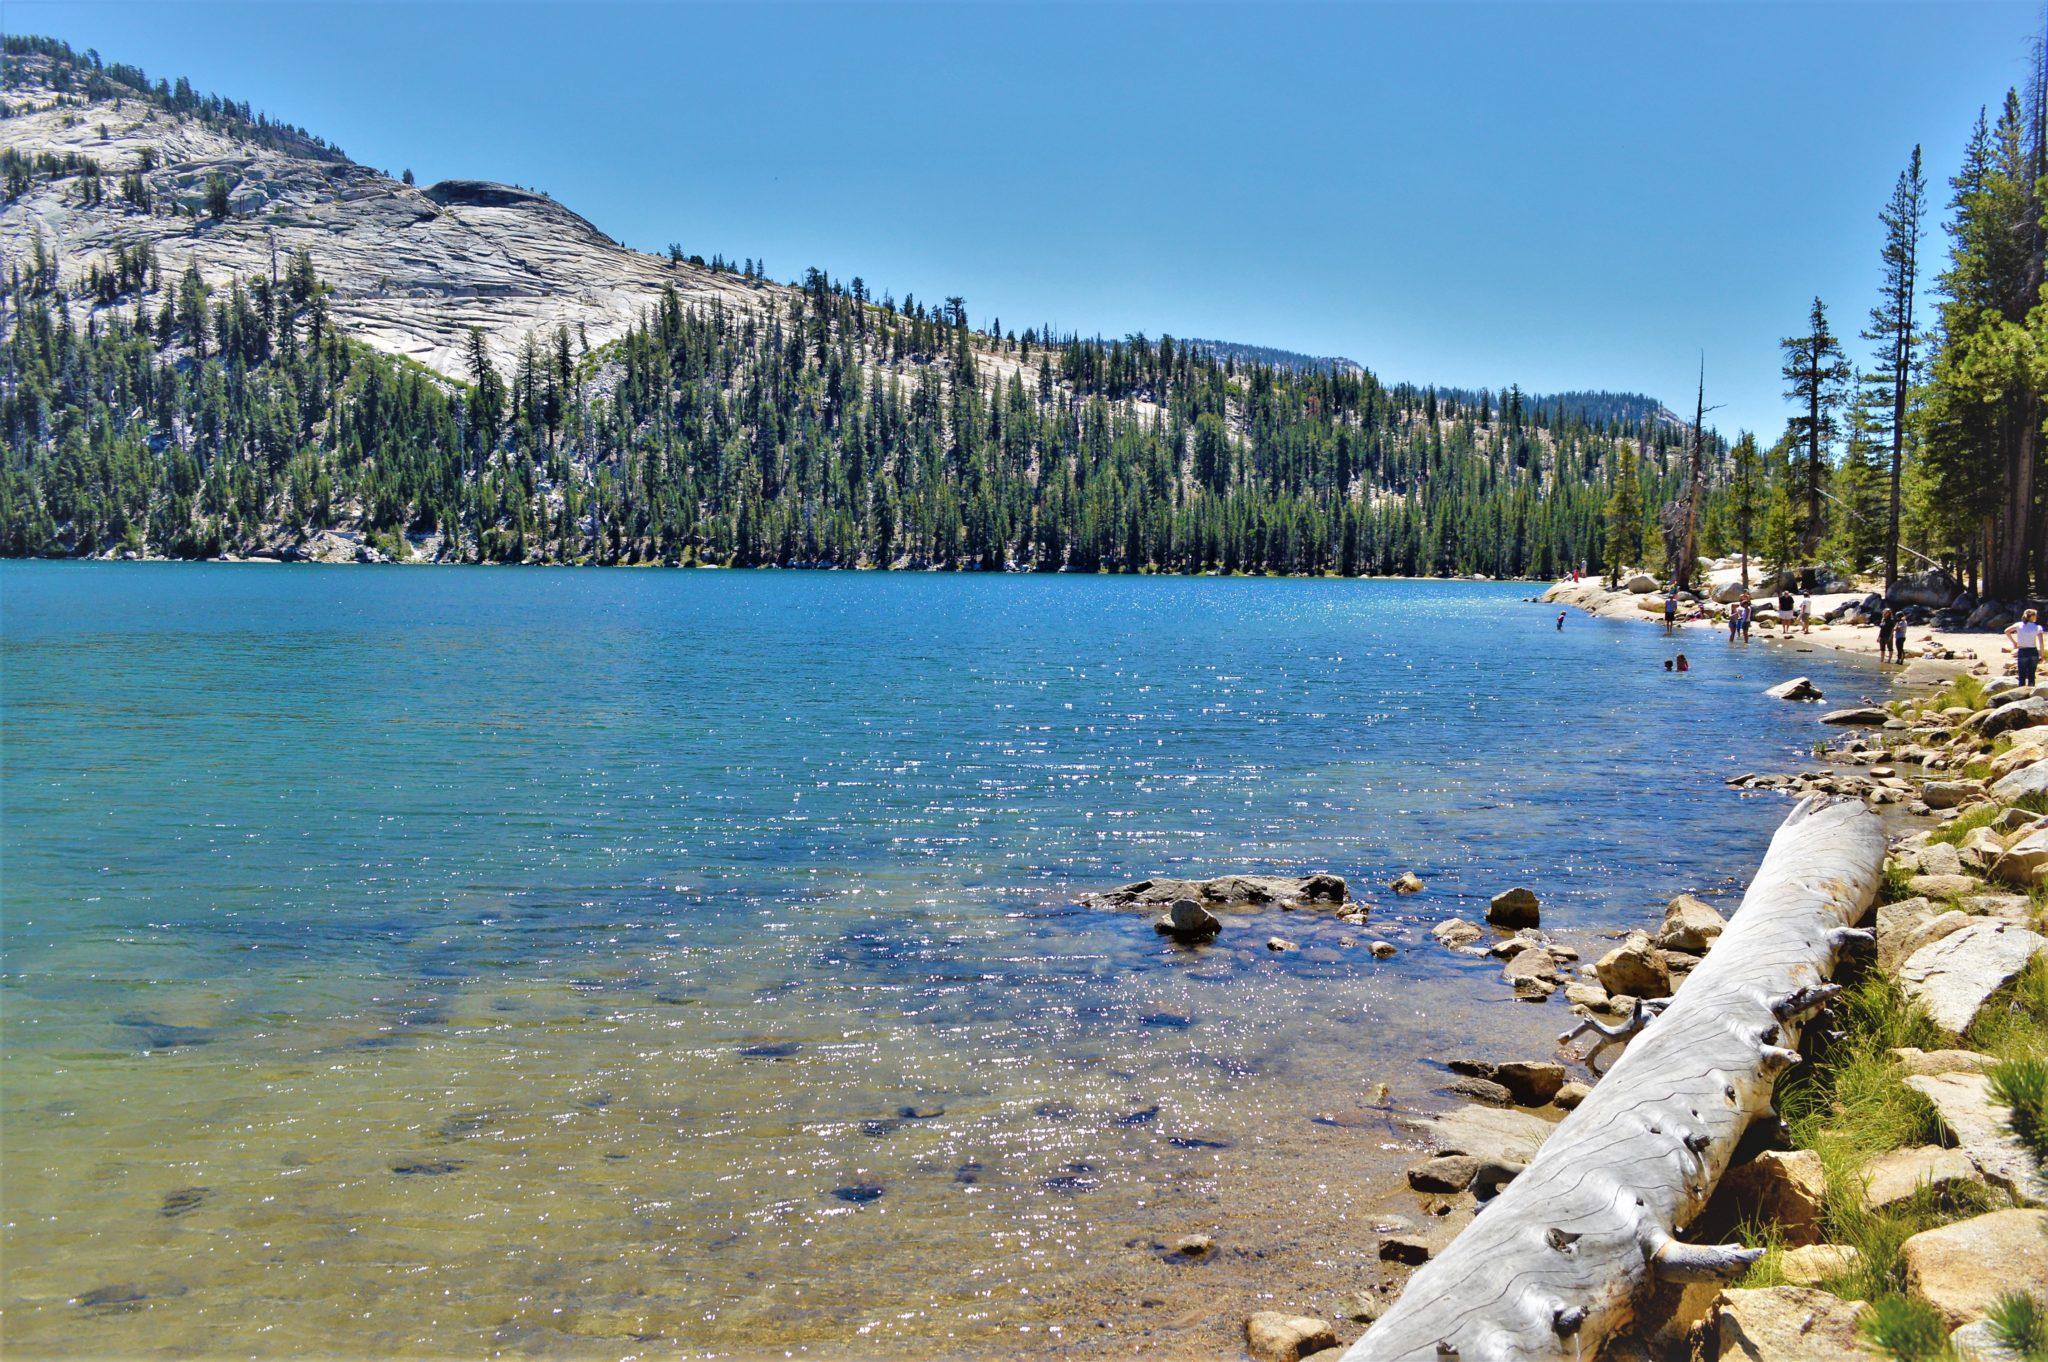 Lake in Yosemite national Park, California